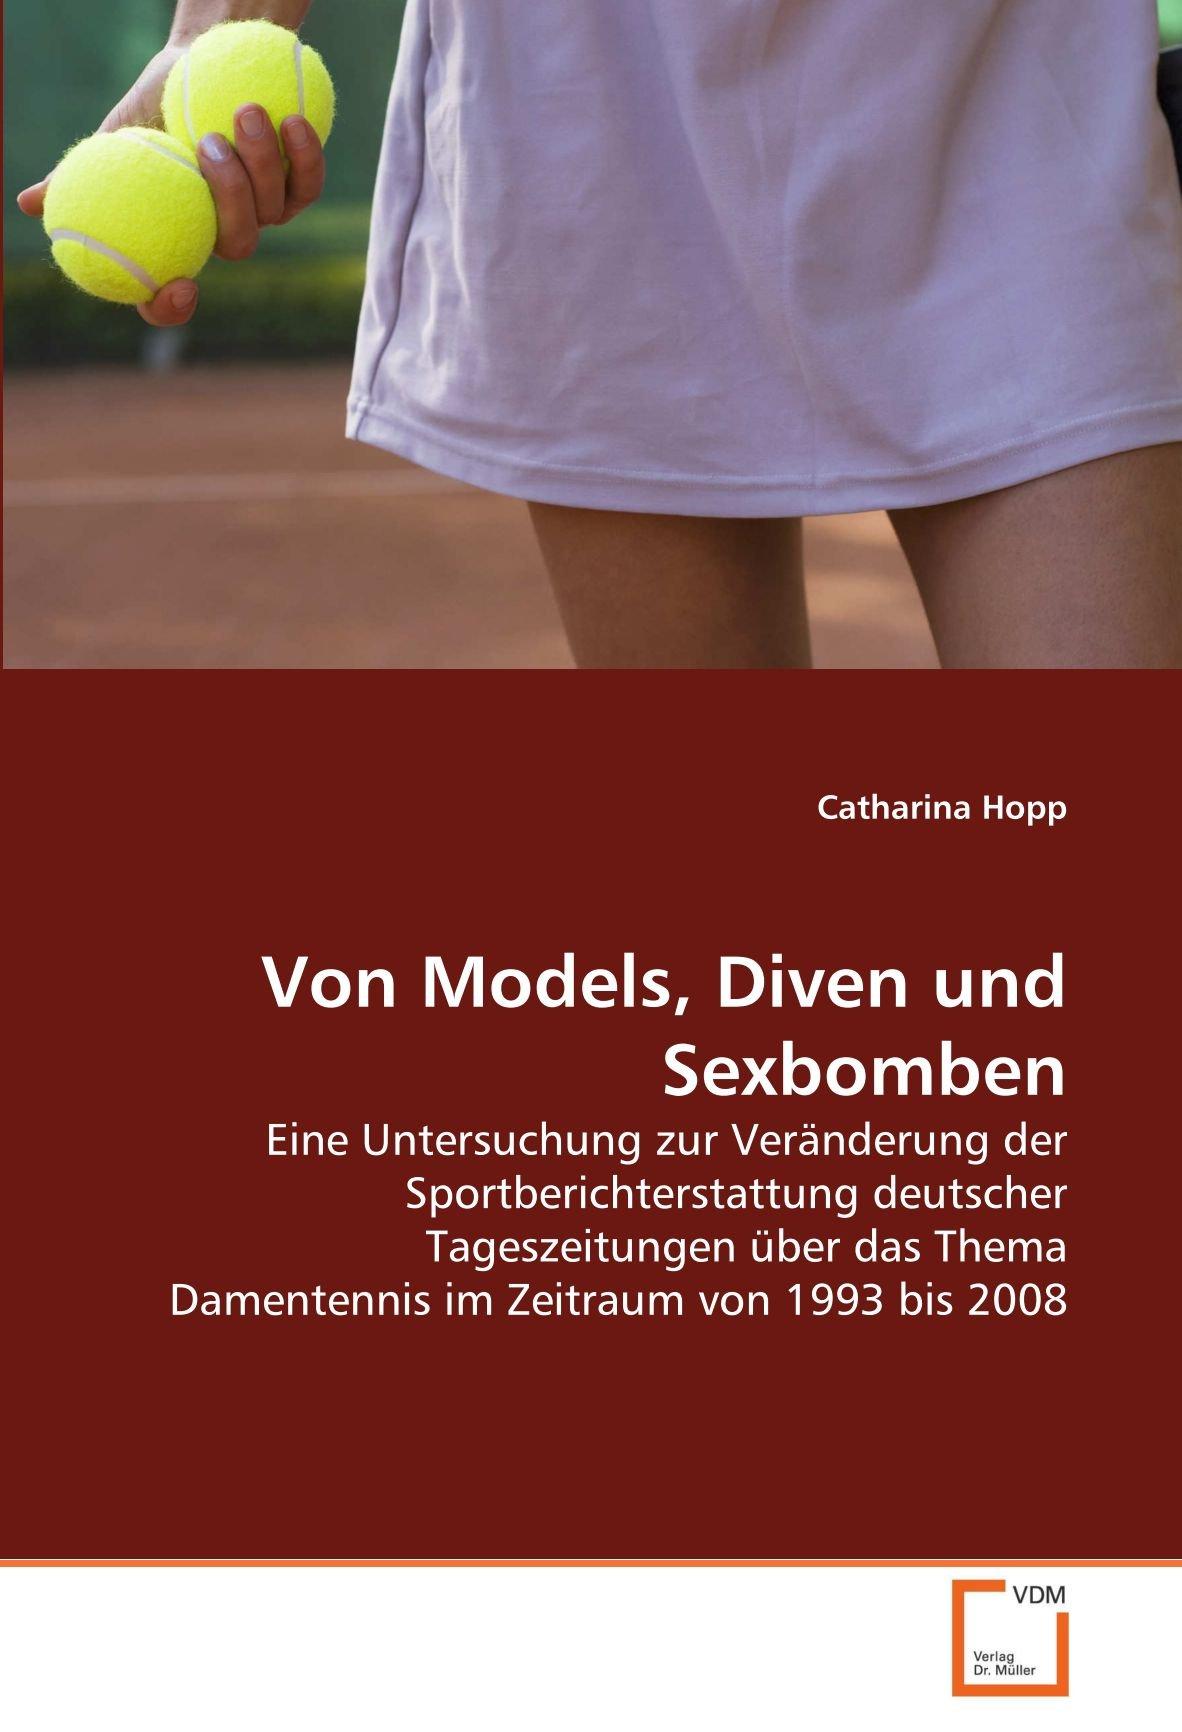 Von Models, Diven und Sexbomben: Eine Untersuchung zur Veränderung der Sportberichterstattung deutscher Tageszeitungen über das Thema Damentennis im Zeitraum von 1993 bis 2008 (German Edition) PDF